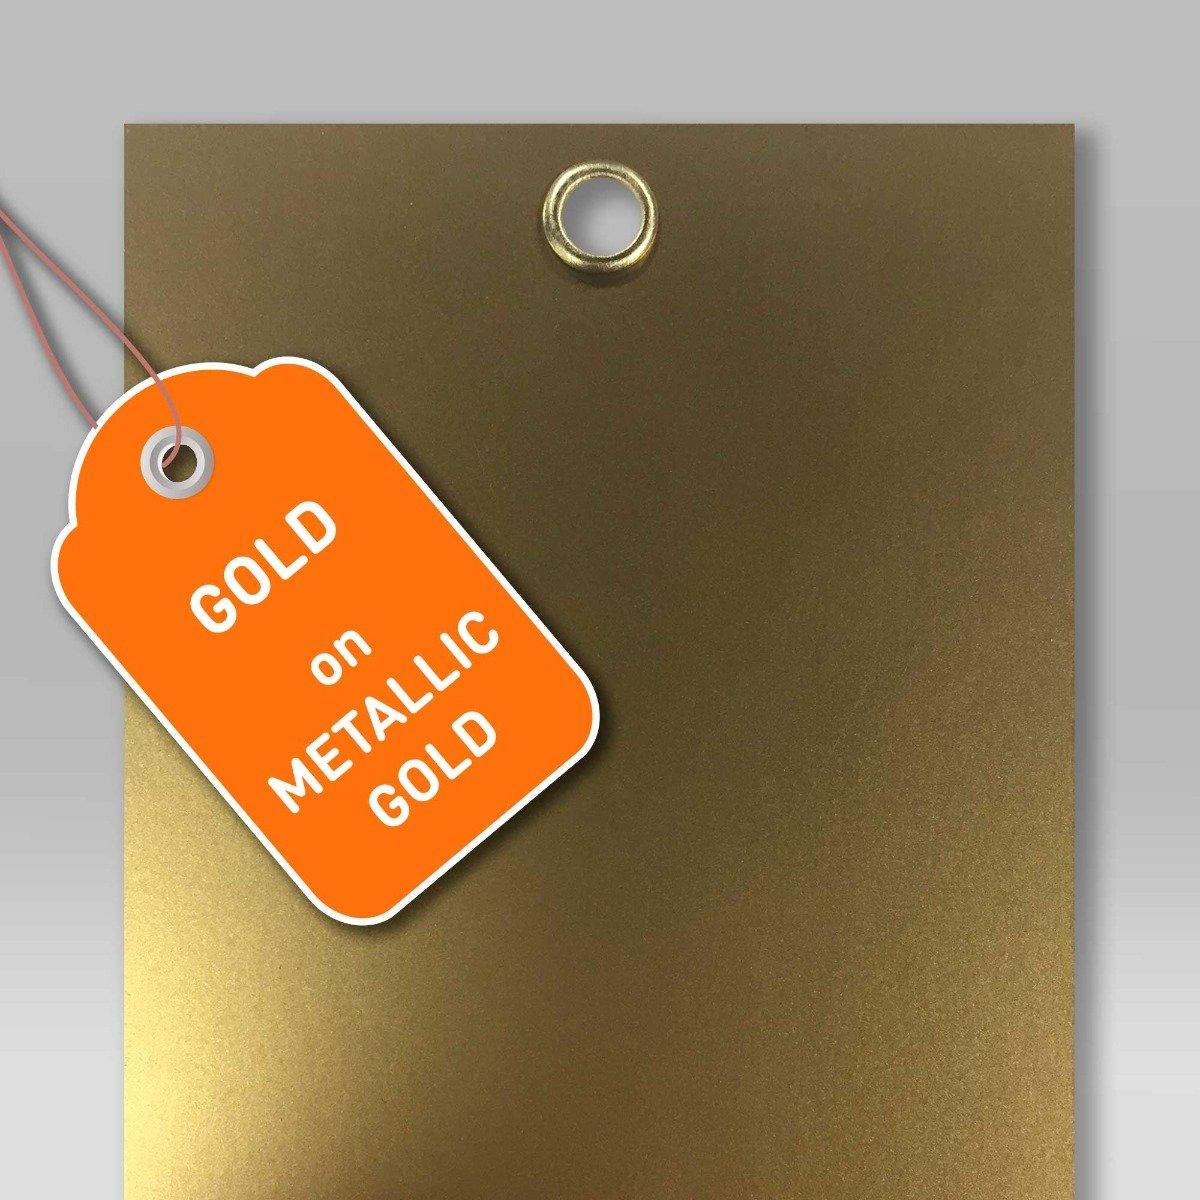 gold-eyelet-on-gold-metallic-board